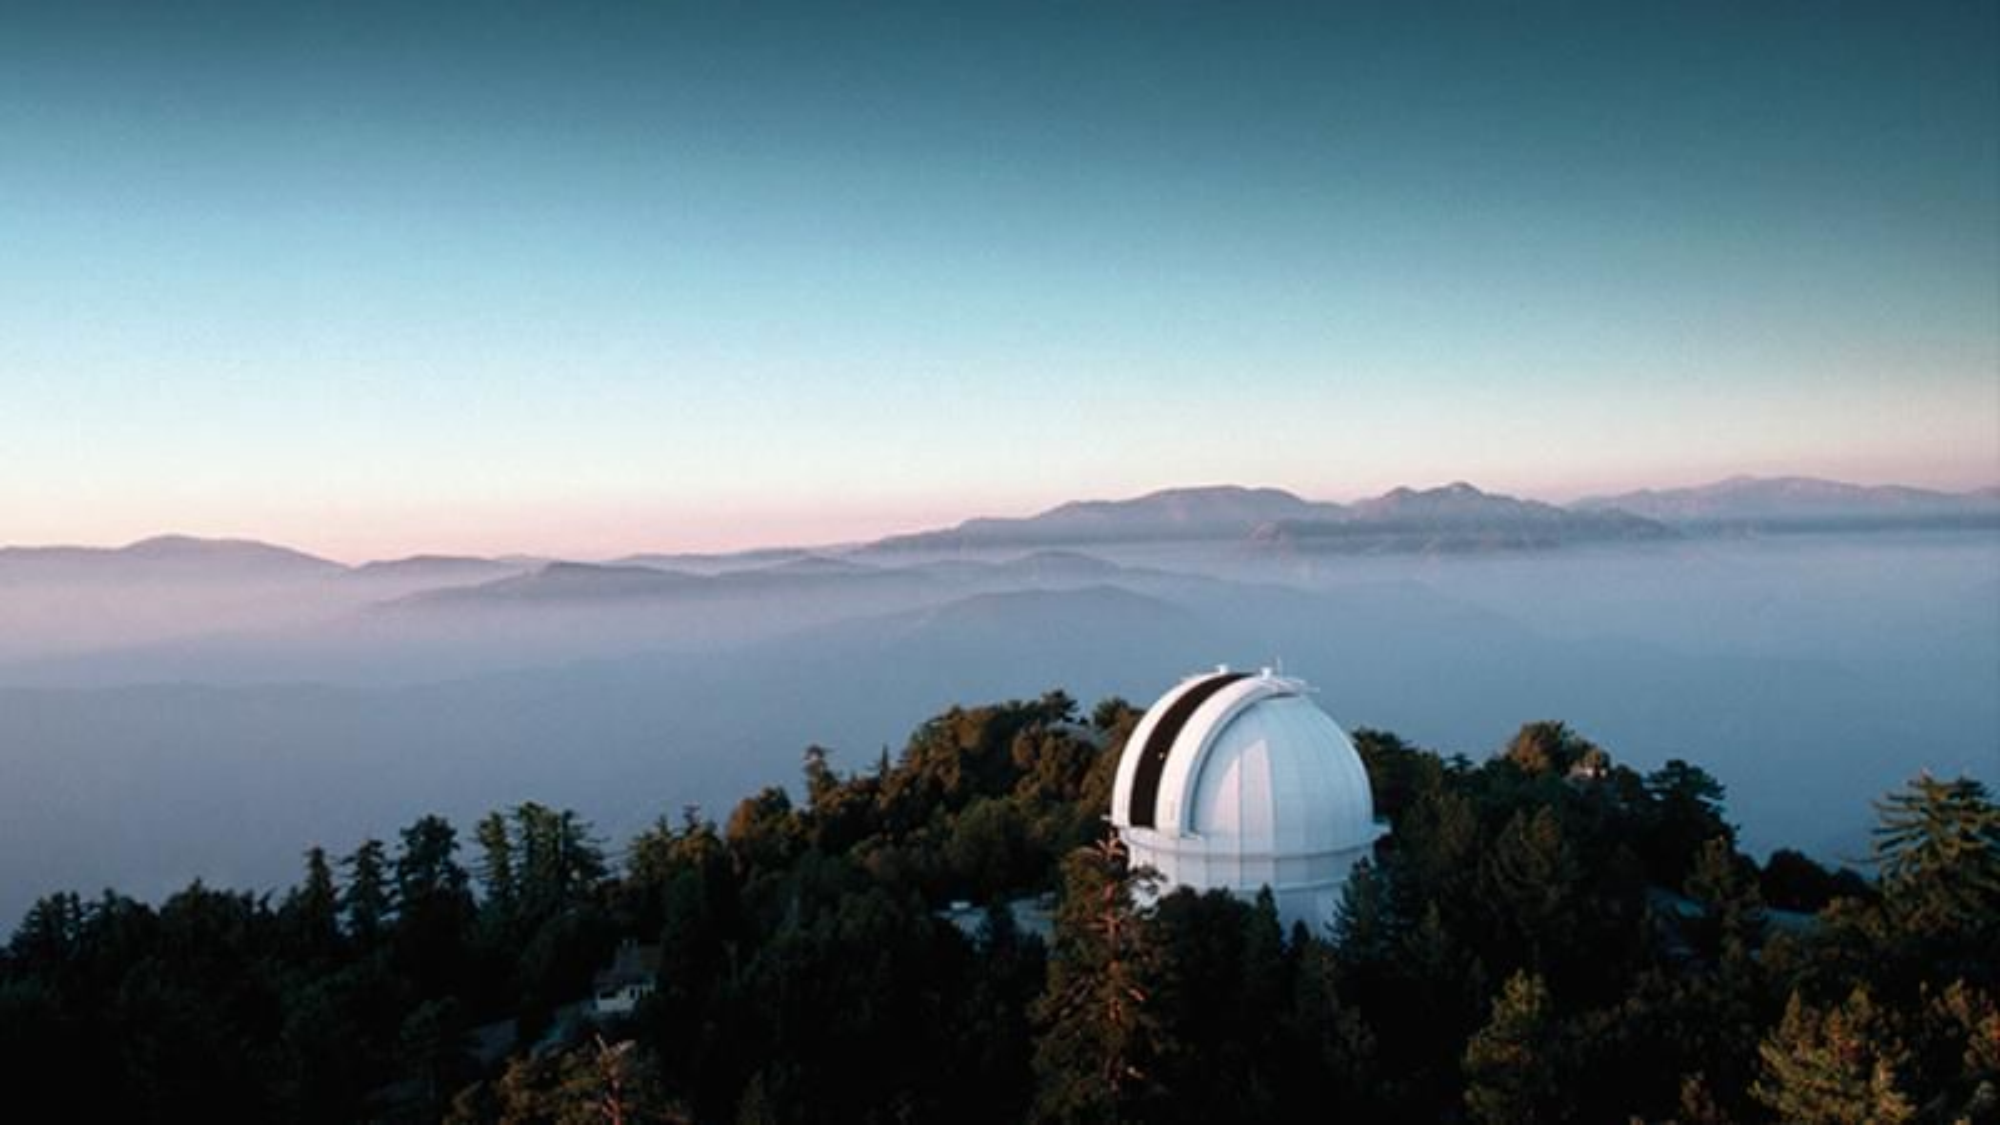 Observatoriet på Mount Wilson, hvor Edwin Hubble gjennomførte sine skjellsettende observasjoner. Økende lysforurensing fra Los Angeles har begrenset teleskopets observasjonsmuligheter, men stedet er fremdeles et senter for aktiv forskning.